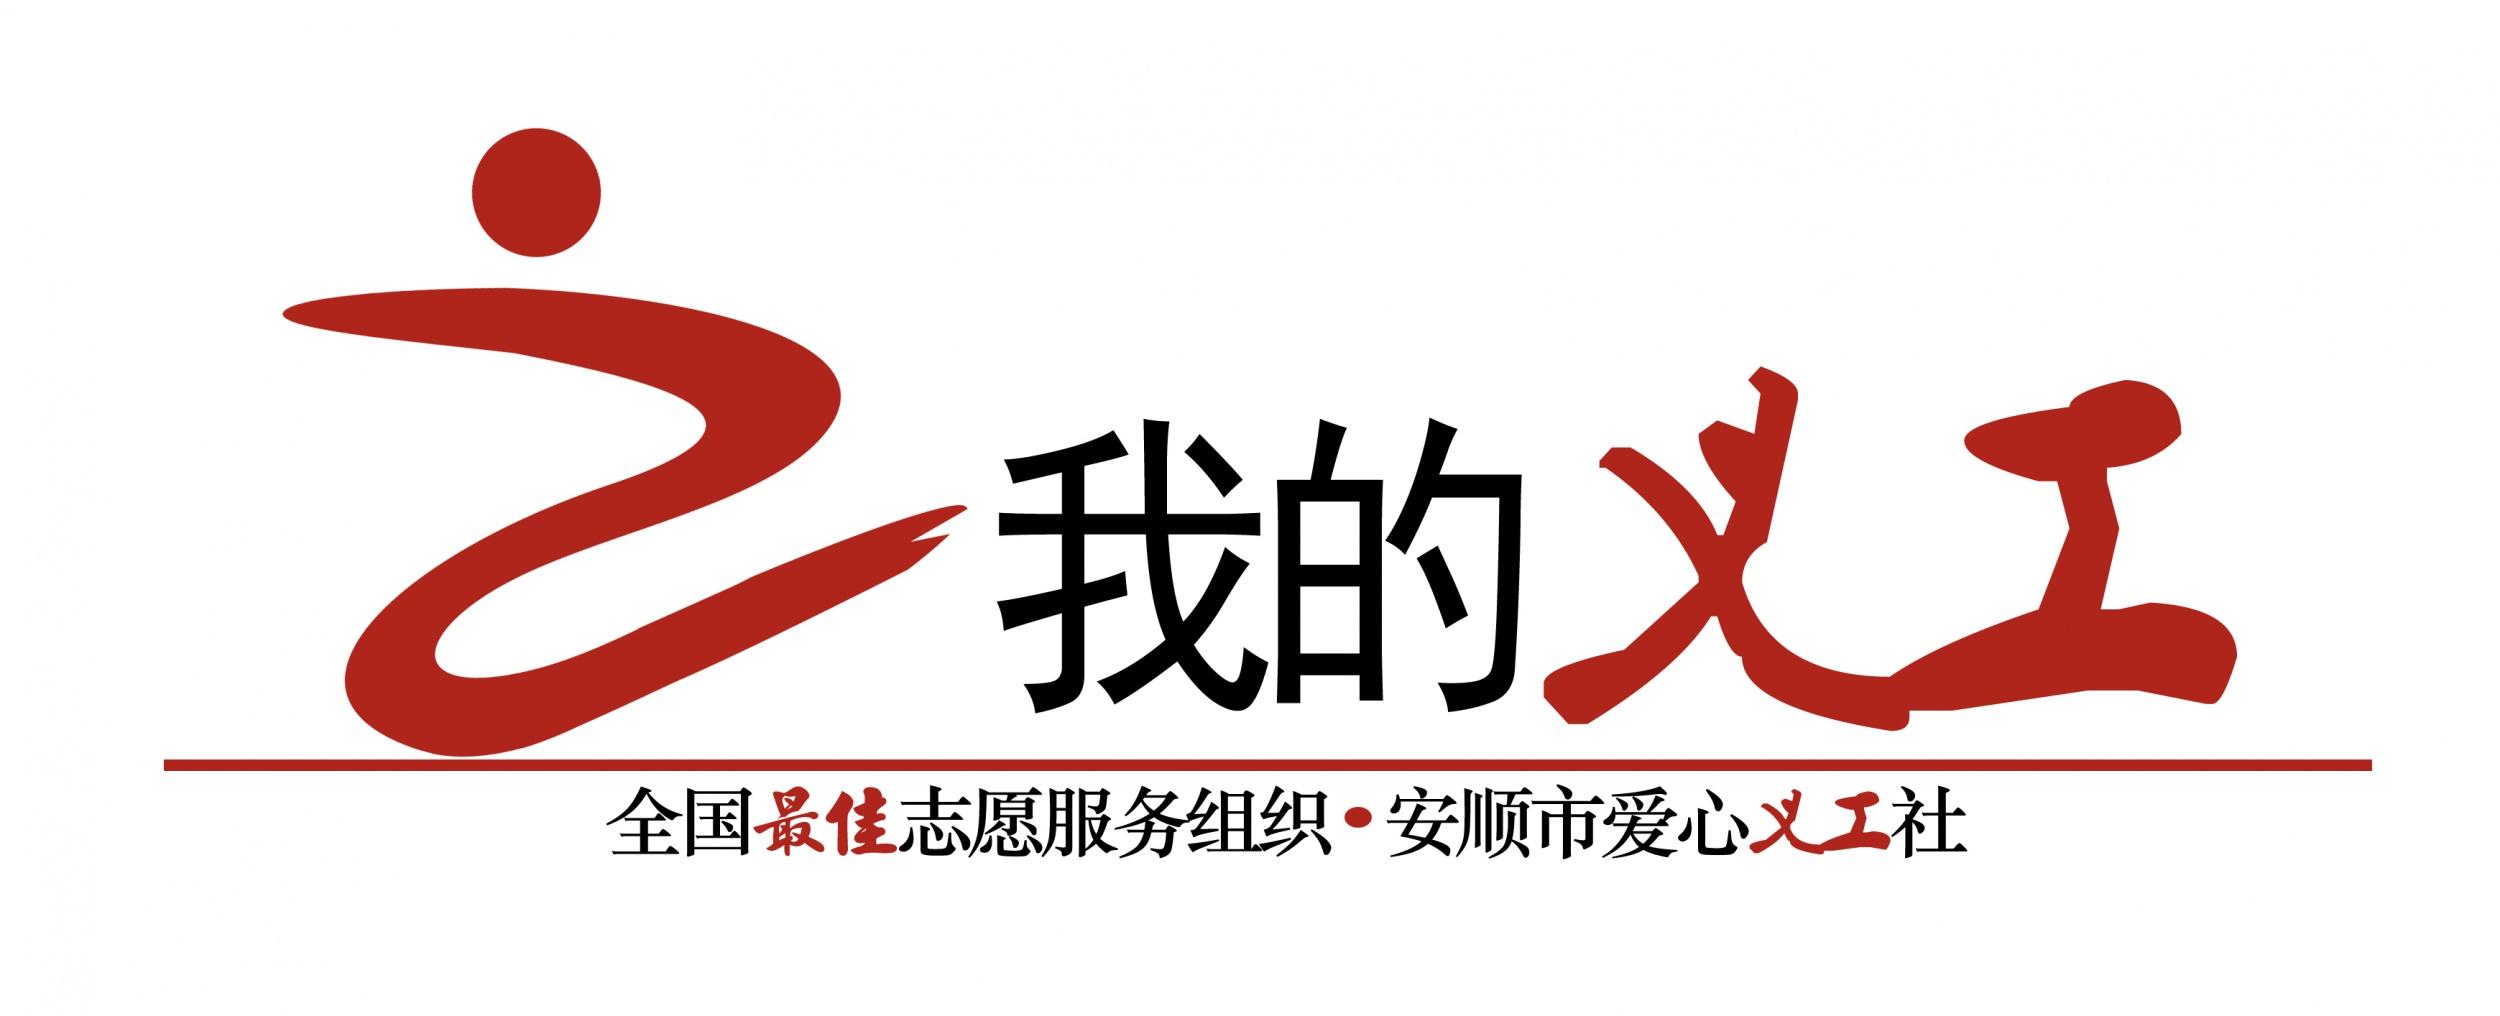 安顺市爱心义工社发布2020年度义工管理规定